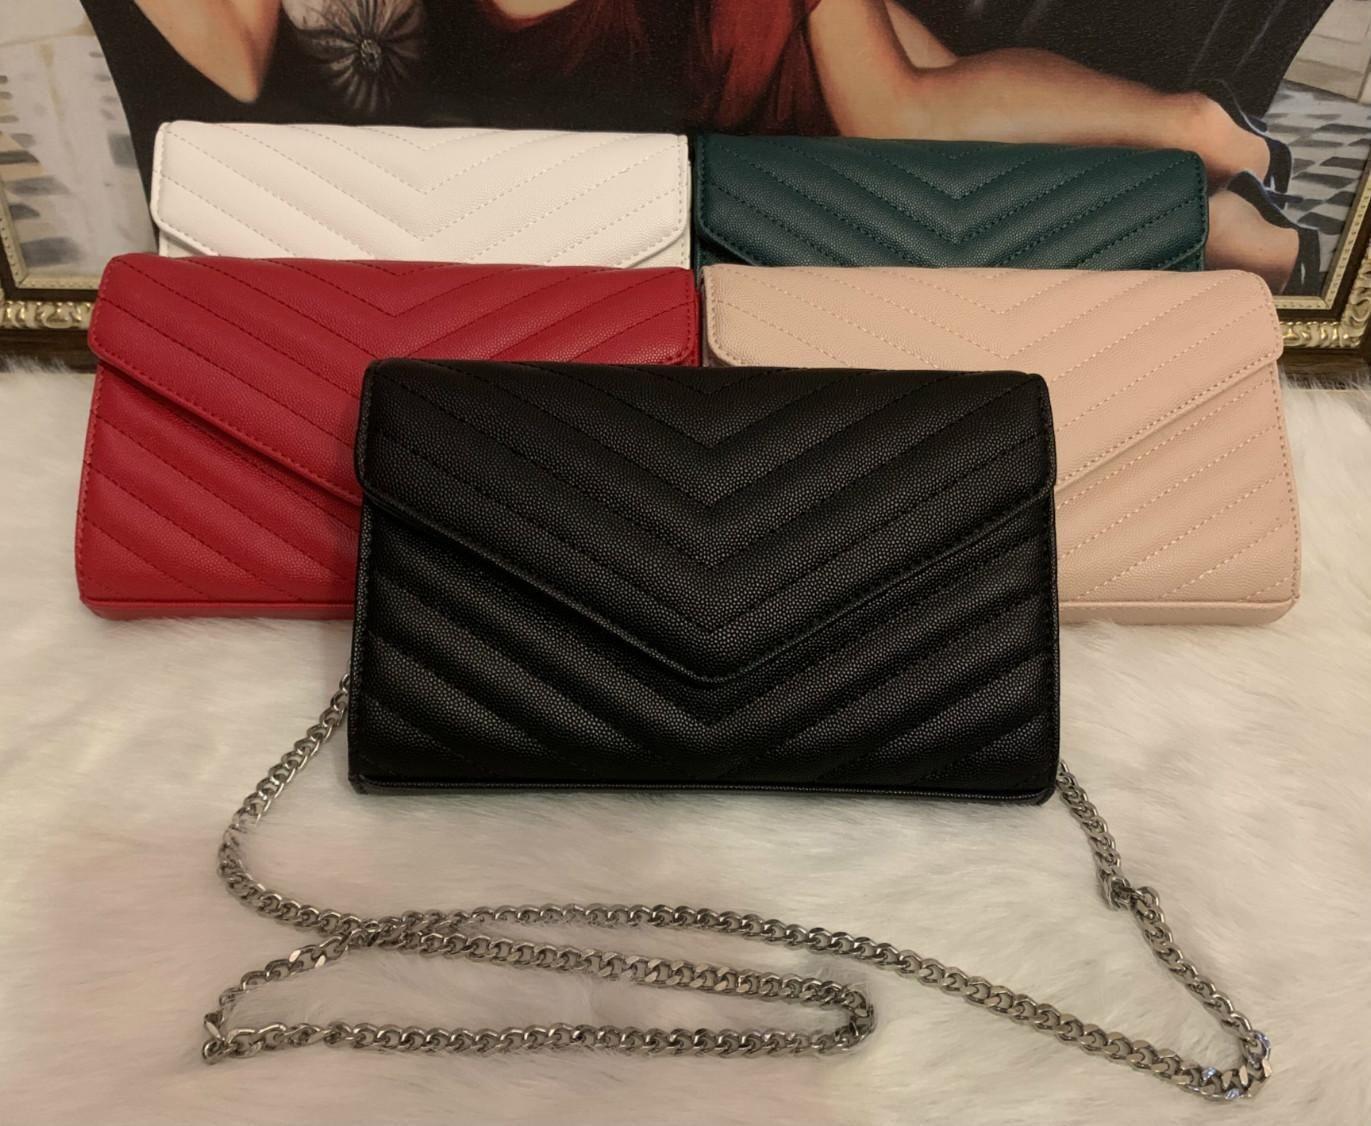 Designer-Sacs à main or argent métal chaîne caviar peau de mouton véritable sac à main Designer sac en cuir Couvercle de protection amovible en diagonale Sacs à bandoulière avec BOX1